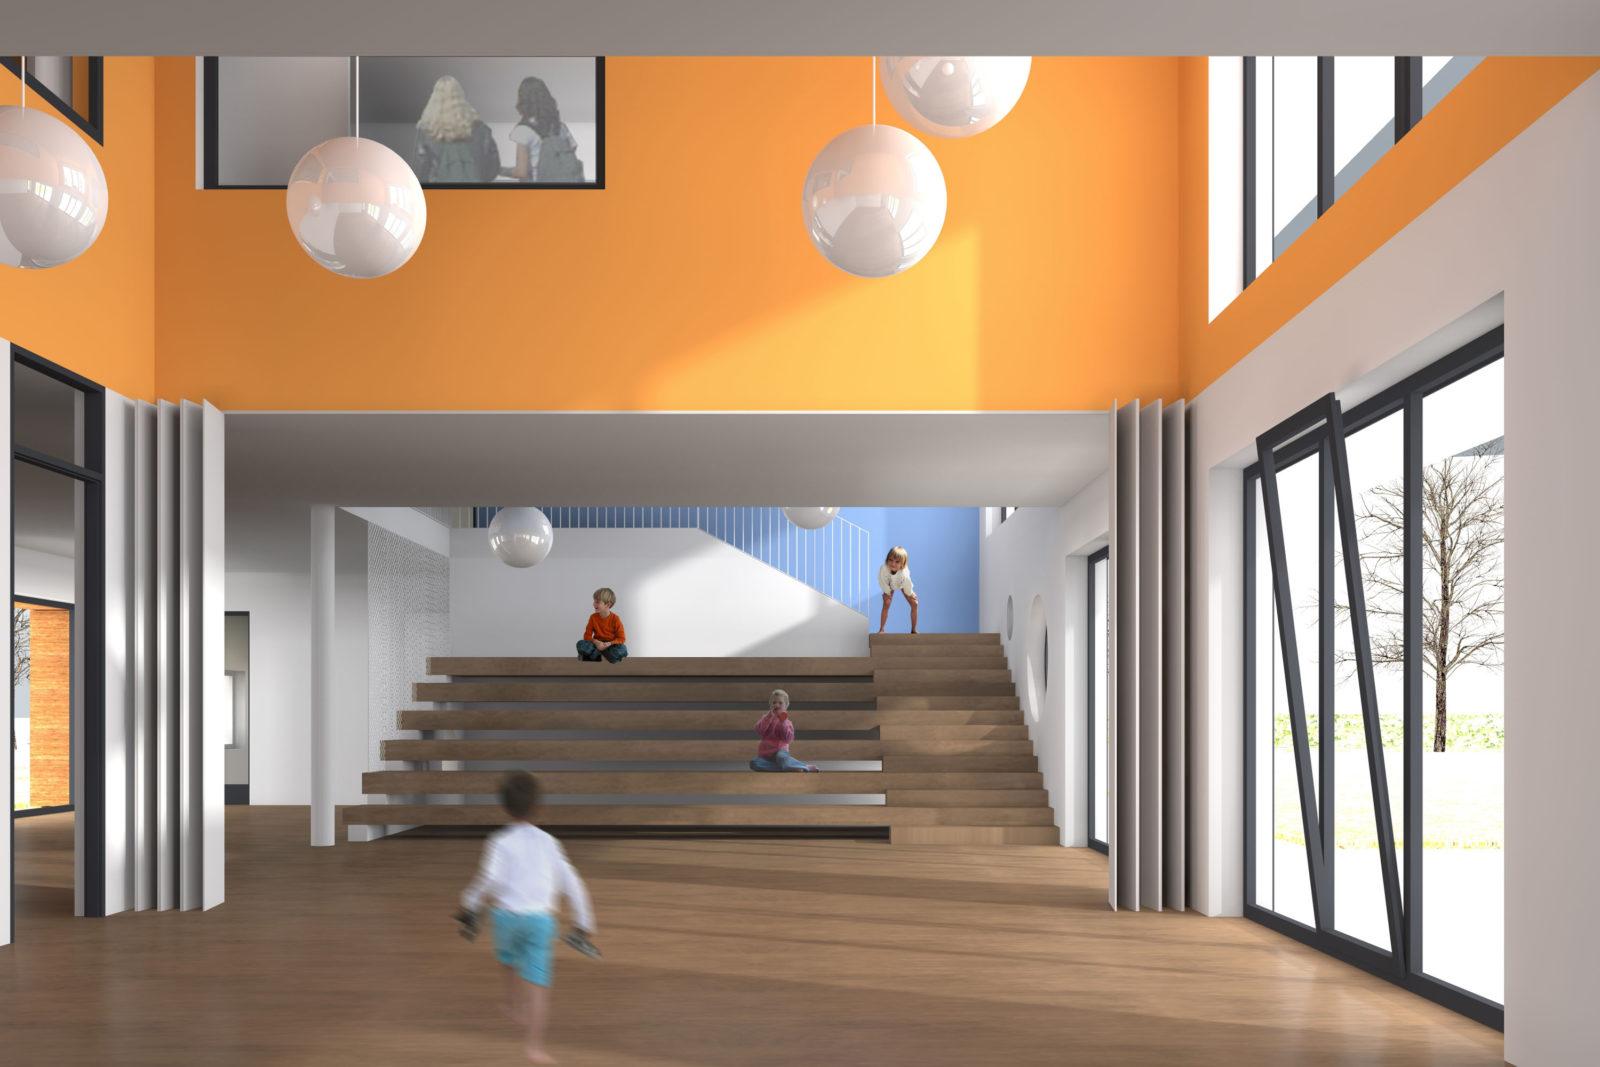 Neubau Kita und Förderschule an der alten Messe, Leipzig - Foyer und Mehrzweckraum Kita